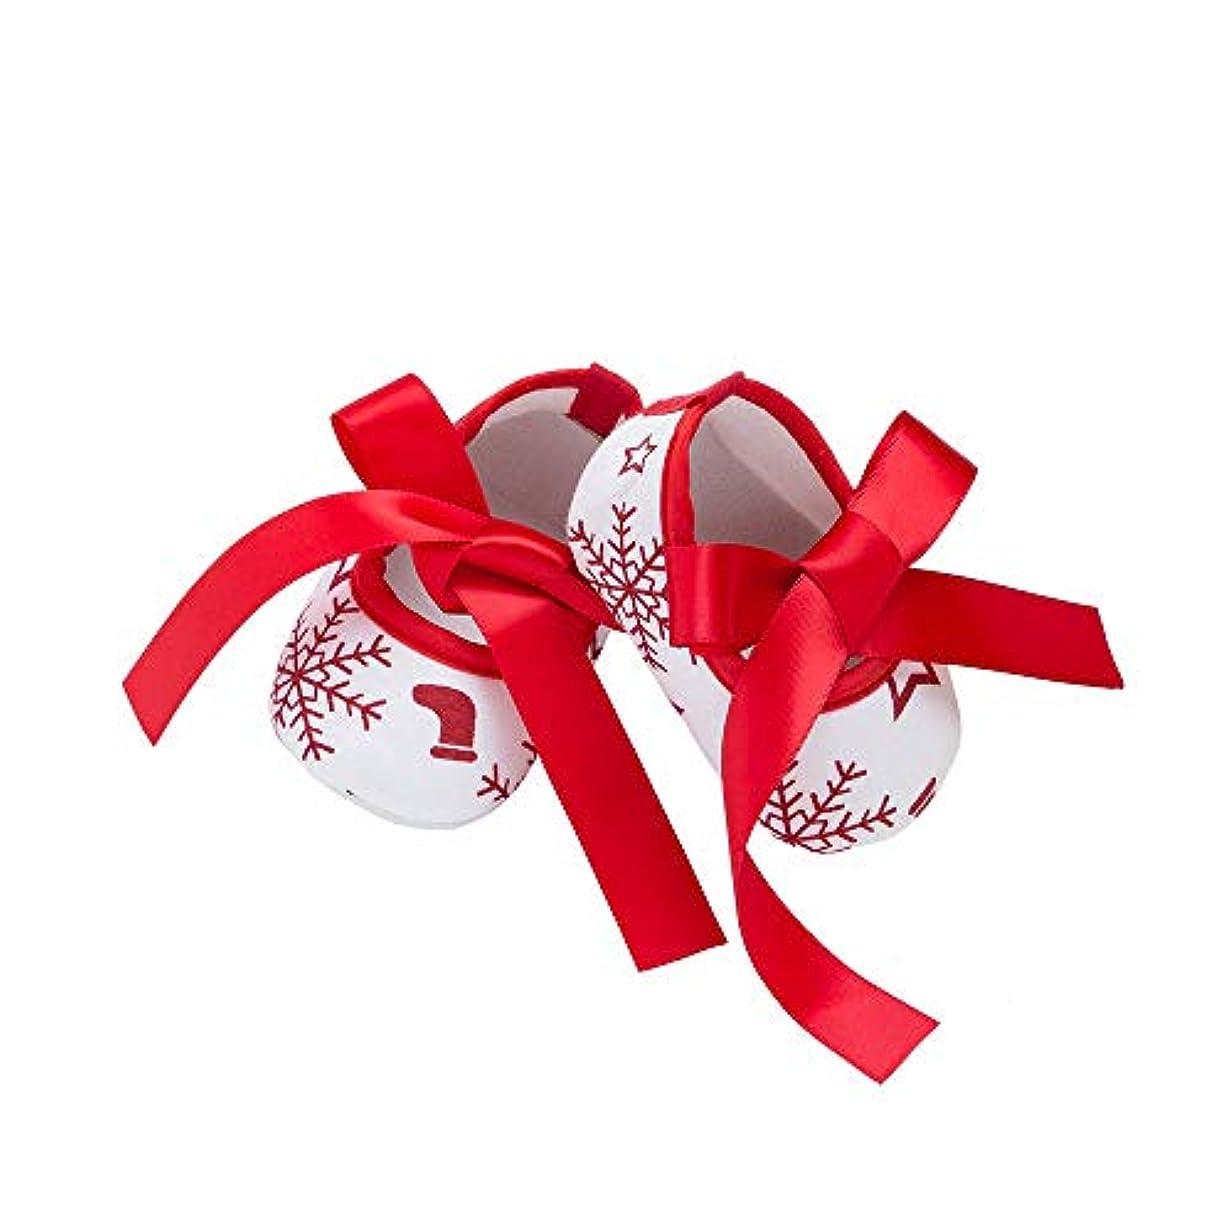 振り返る速度スペイン子供靴 Hosam クリスマス レース 蝶結び 新生児靴 幼児 赤ちゃん靴 ウォームブーツ シューズ ファーストシューズ 男の子 女の子 ベビーシューズ 運動靴 赤ちゃん き心地いい 記念日 誕生日 プレゼント 出産お祝い